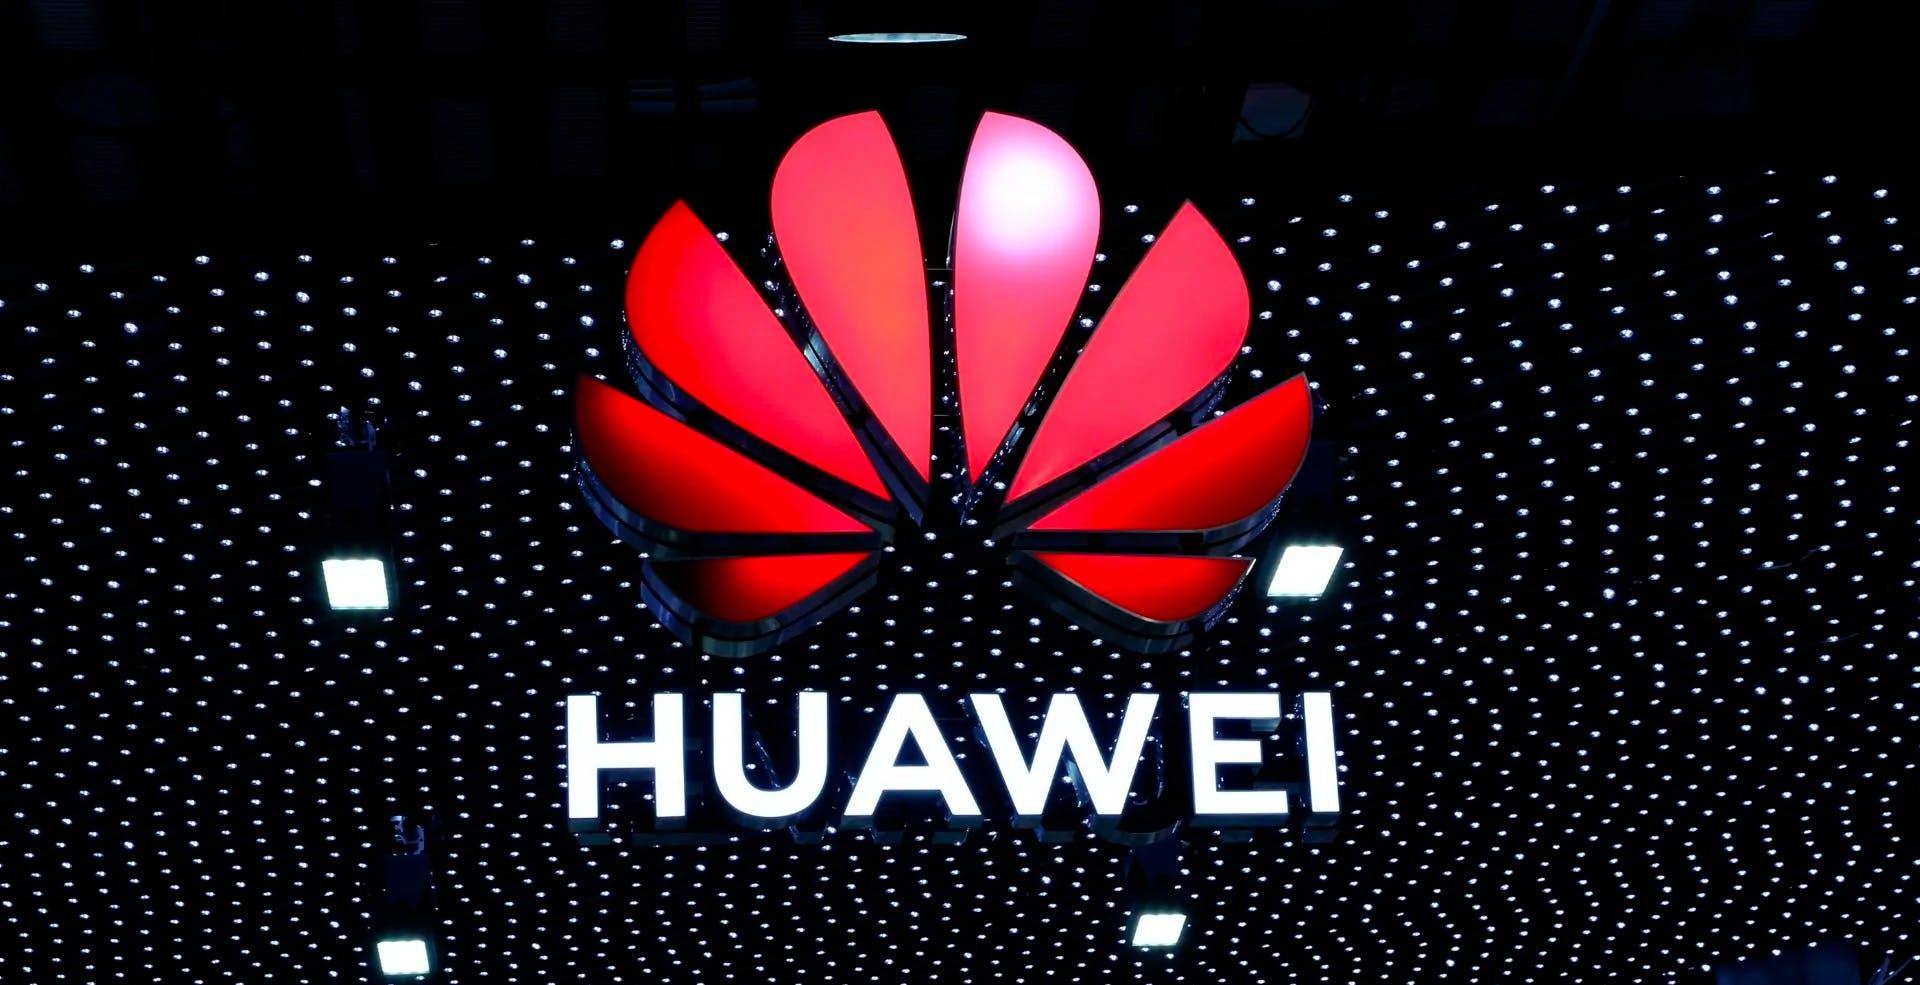 Huawei non è più la numero uno in Cina. La vittima preferita degli Usa cede il posto a Oppo